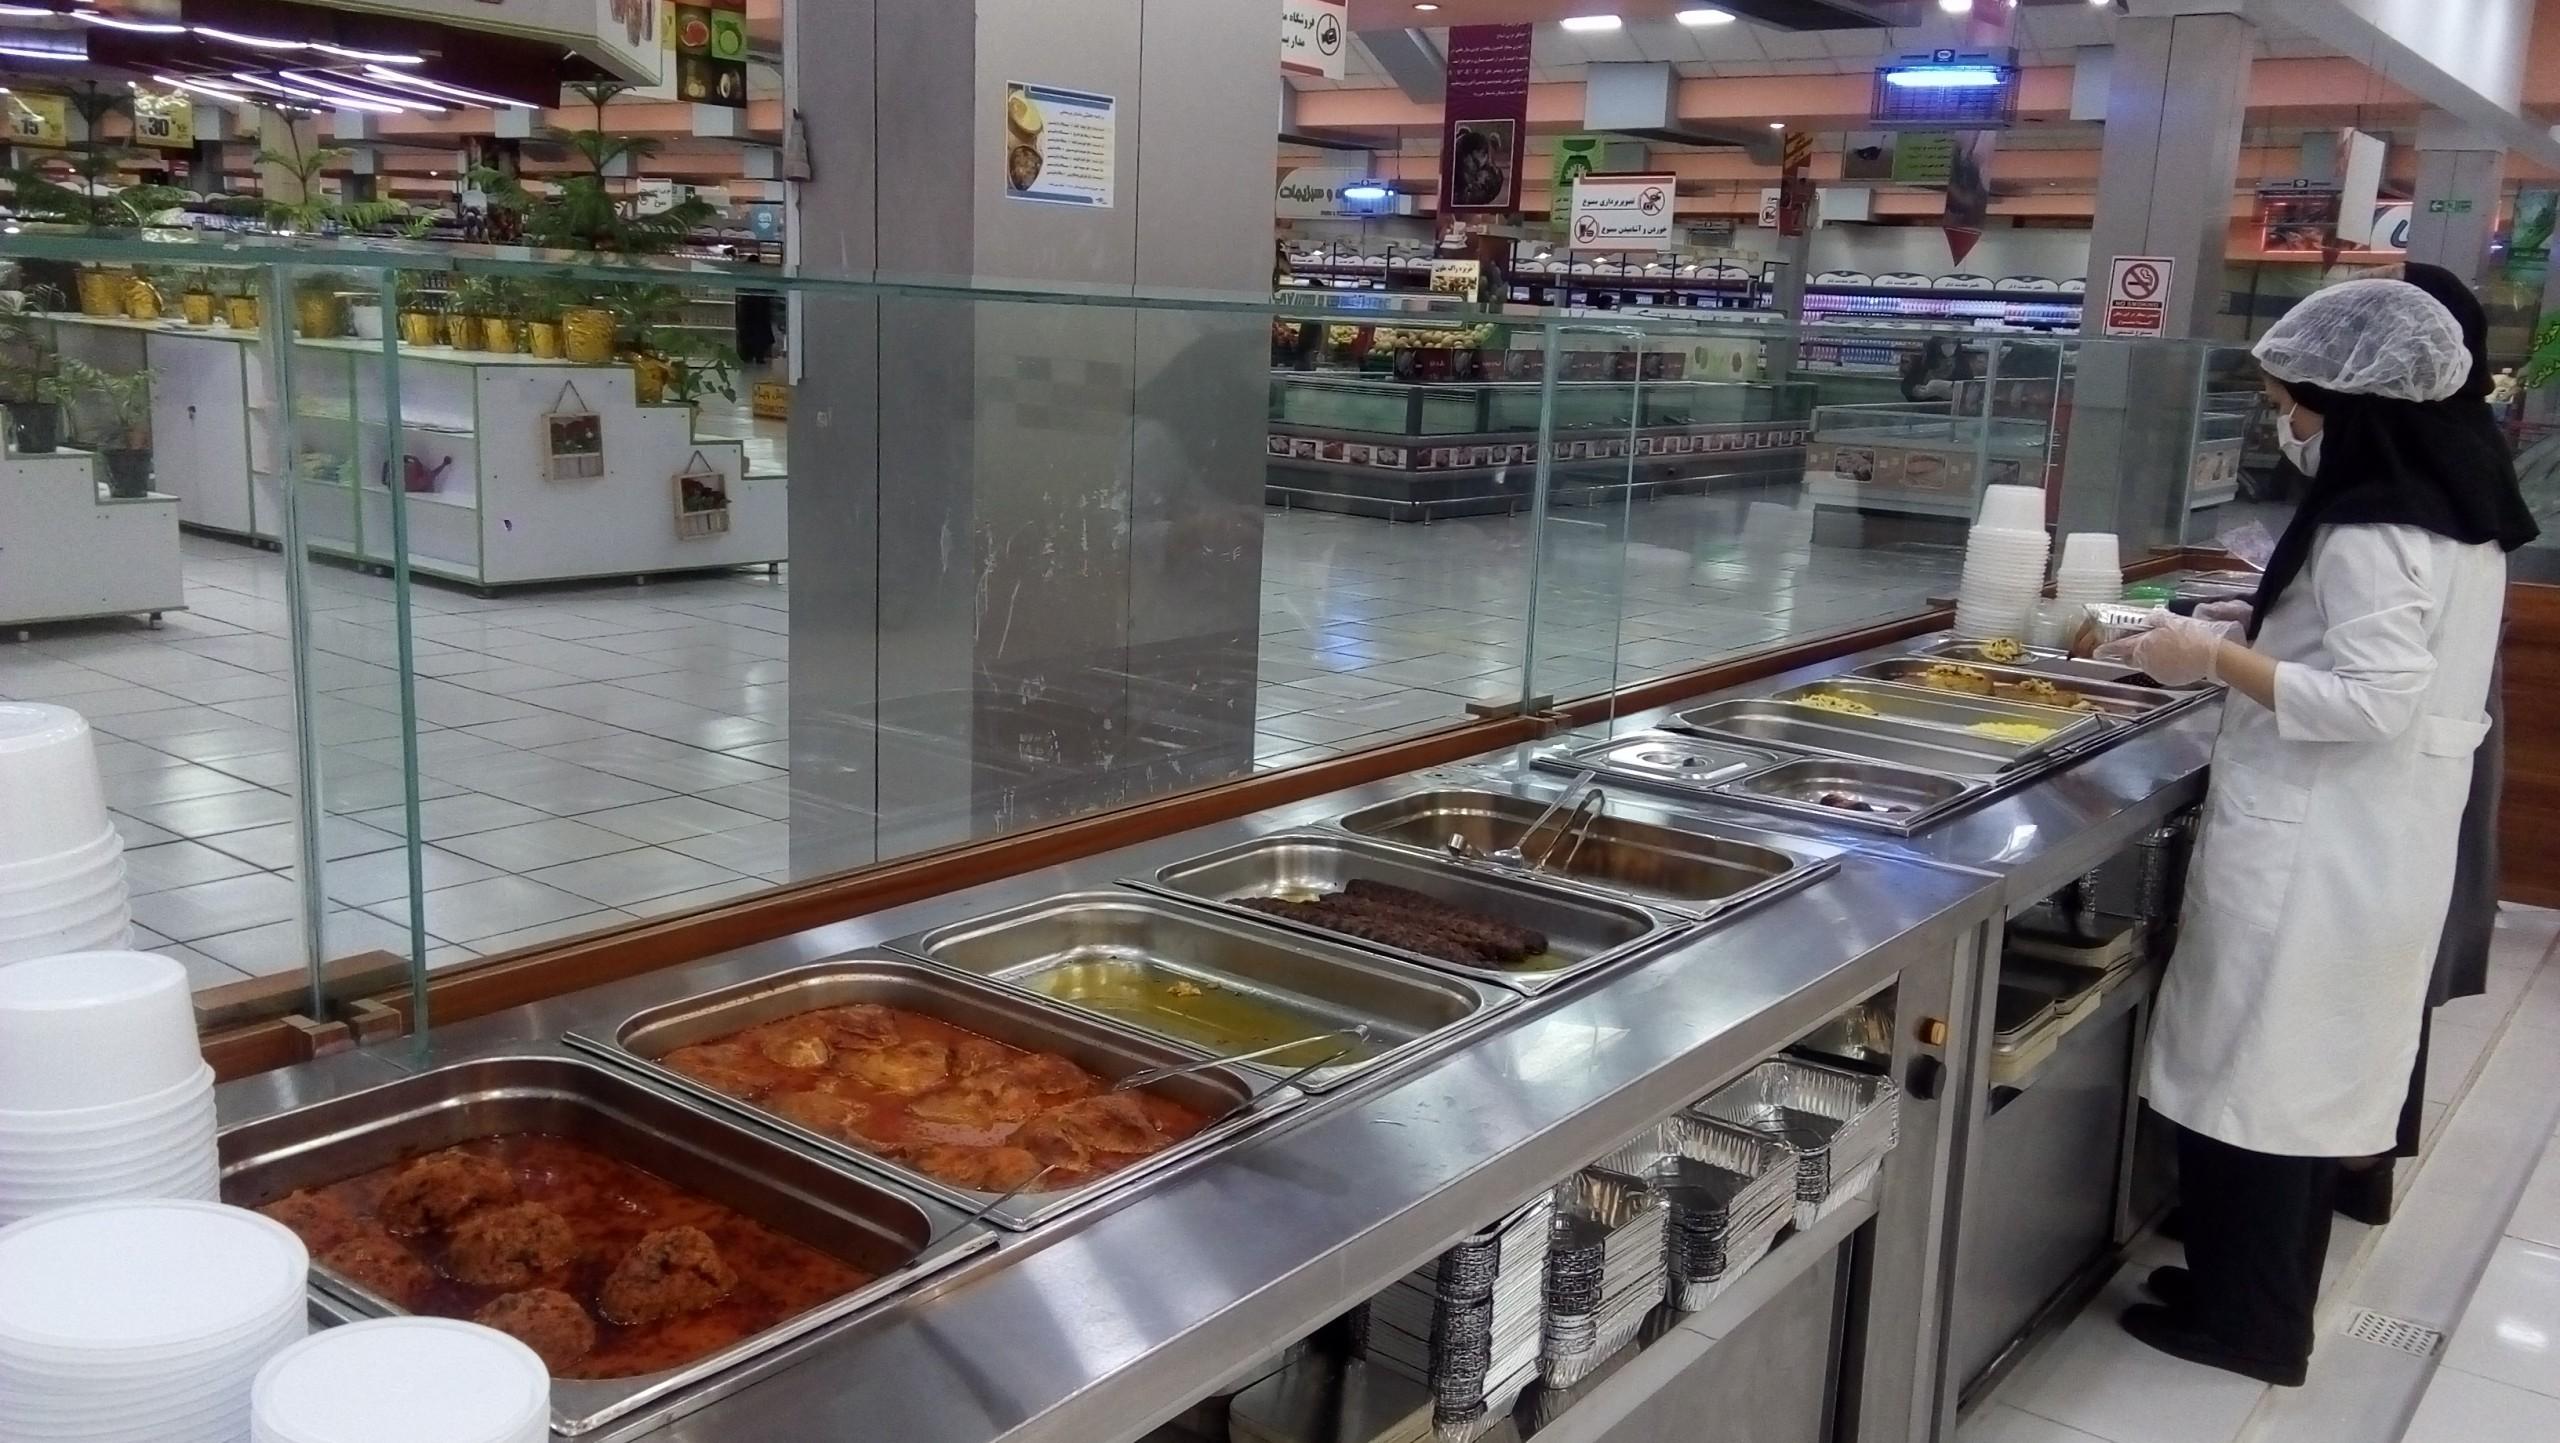 بازسازی بخش « غذای گرم » فروشگاه نجم خاورمیانه